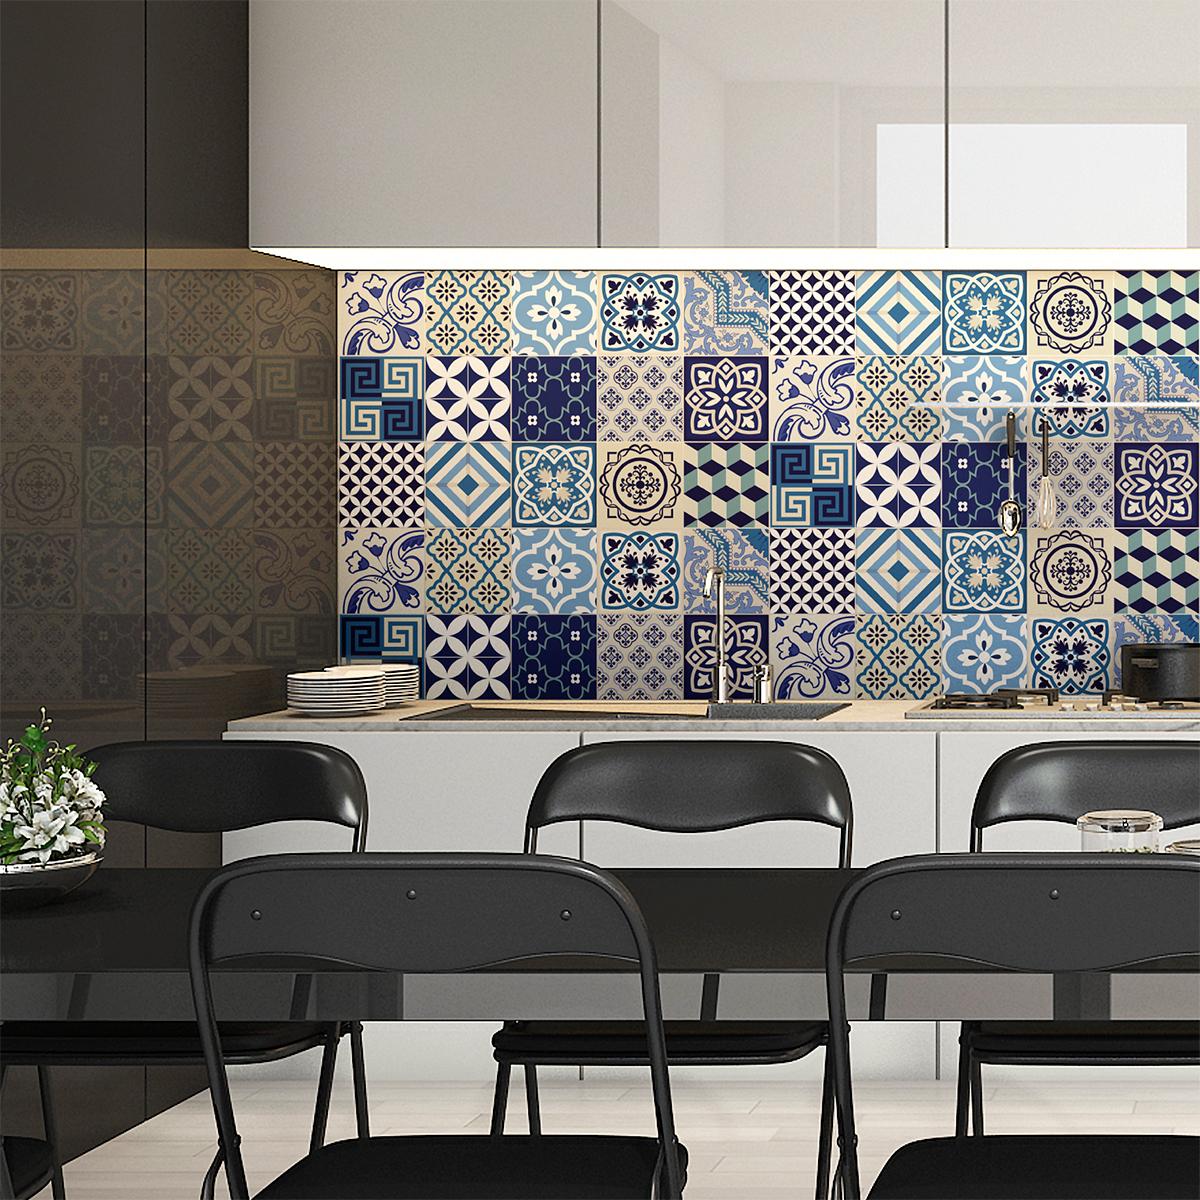 15 stickers carrelages azulejos vintage bleu d 39 azure art et design artistiques ambiance sticker. Black Bedroom Furniture Sets. Home Design Ideas